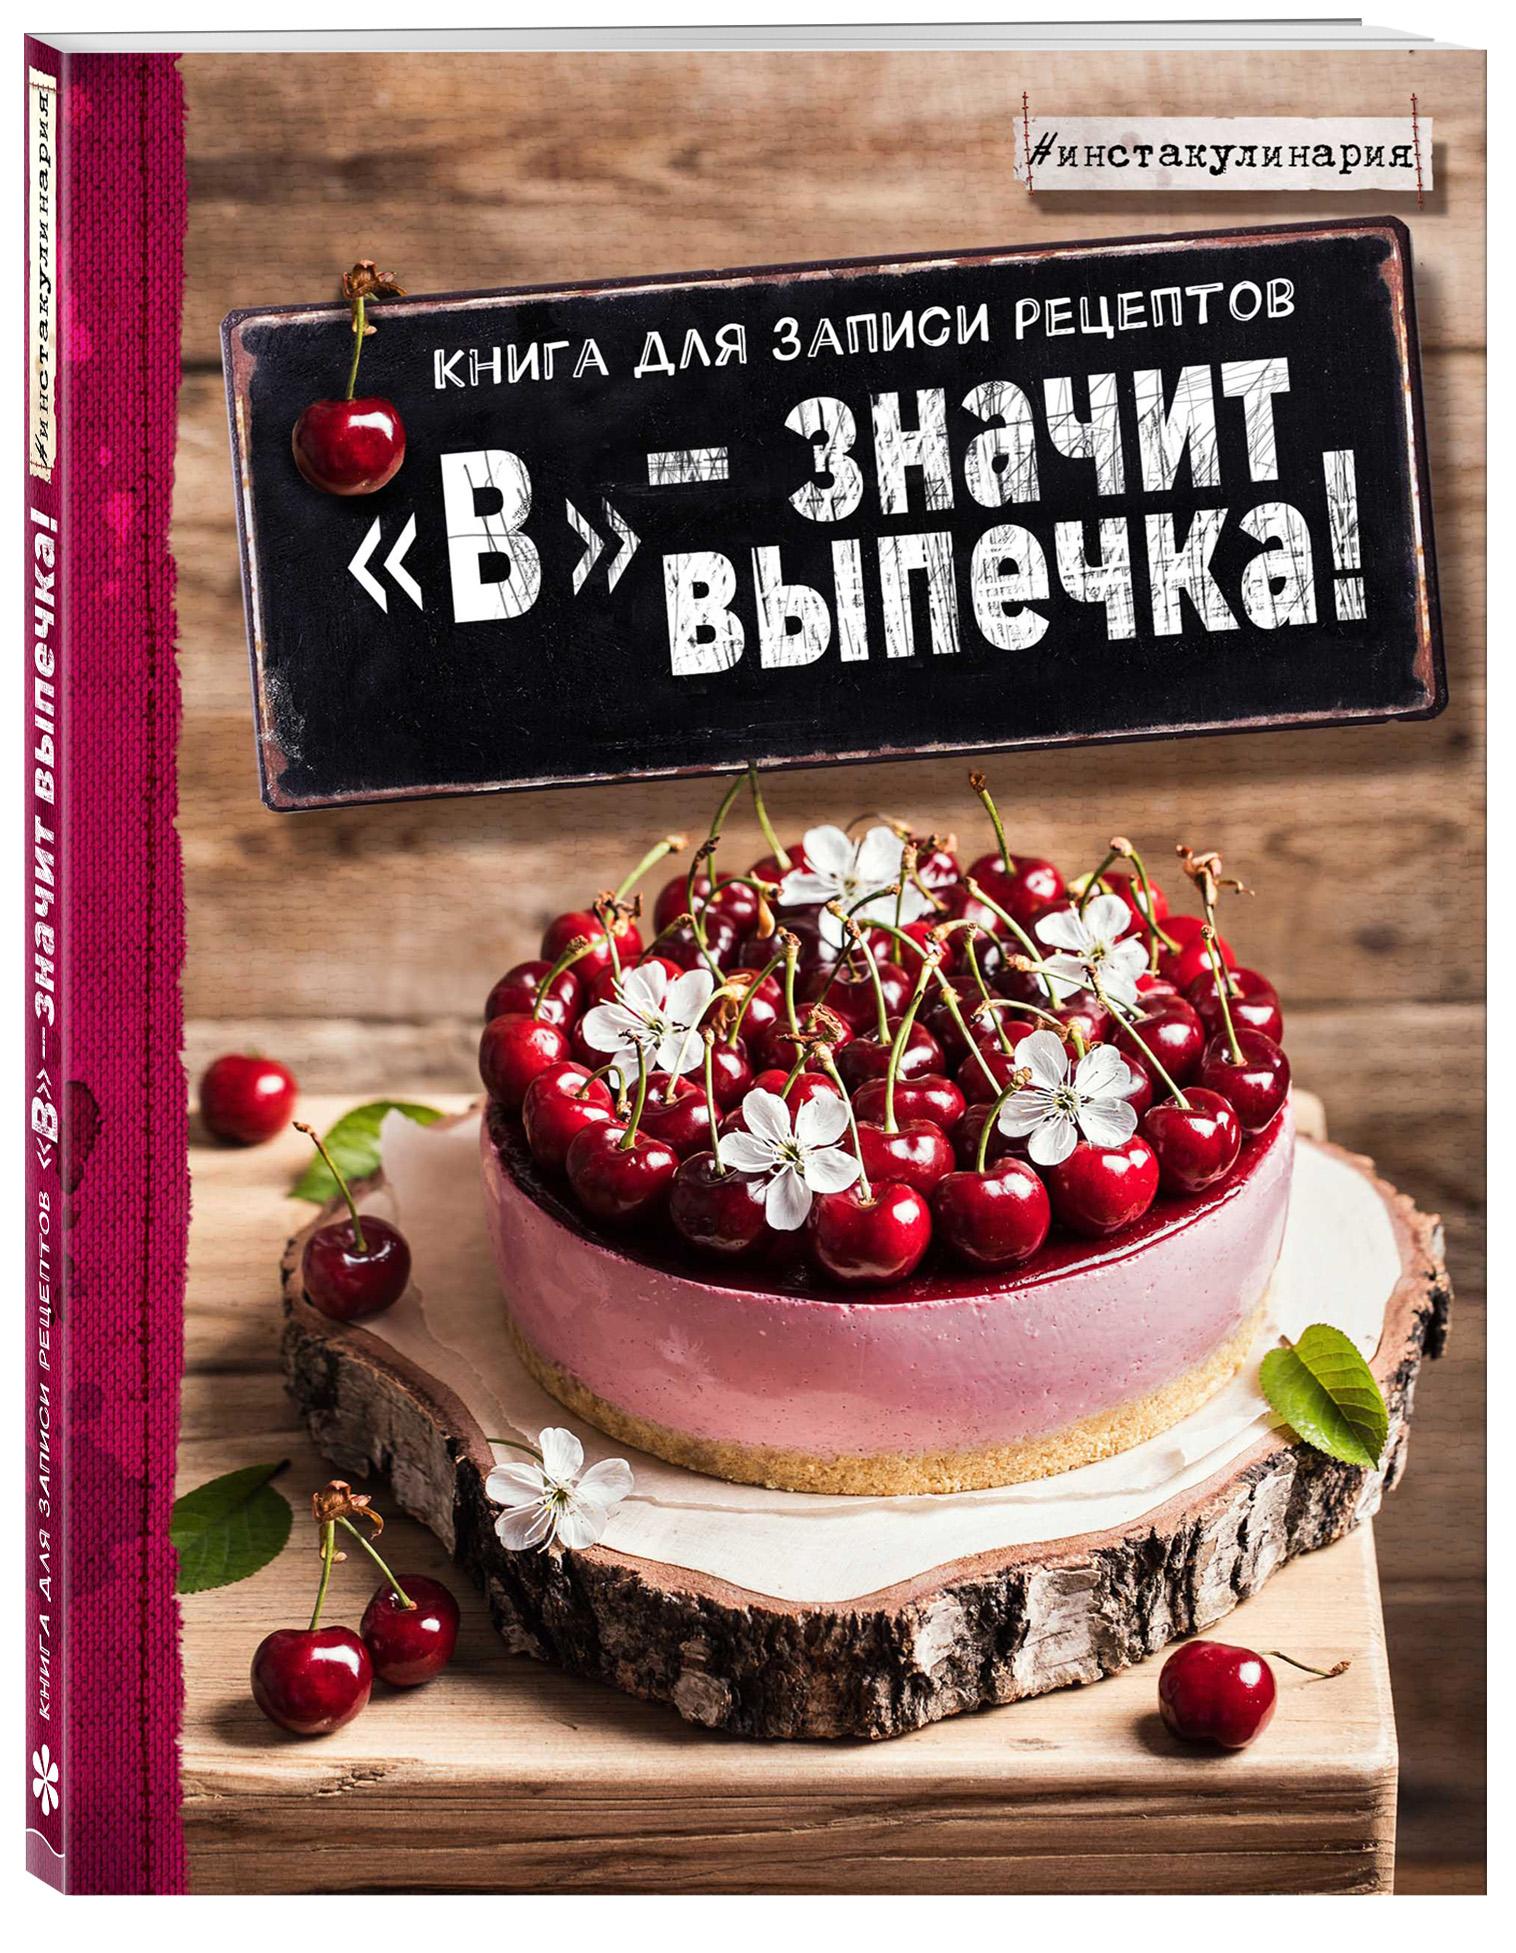 """Анастасия Зурабова """"В"""" - значит выпечка! записи"""